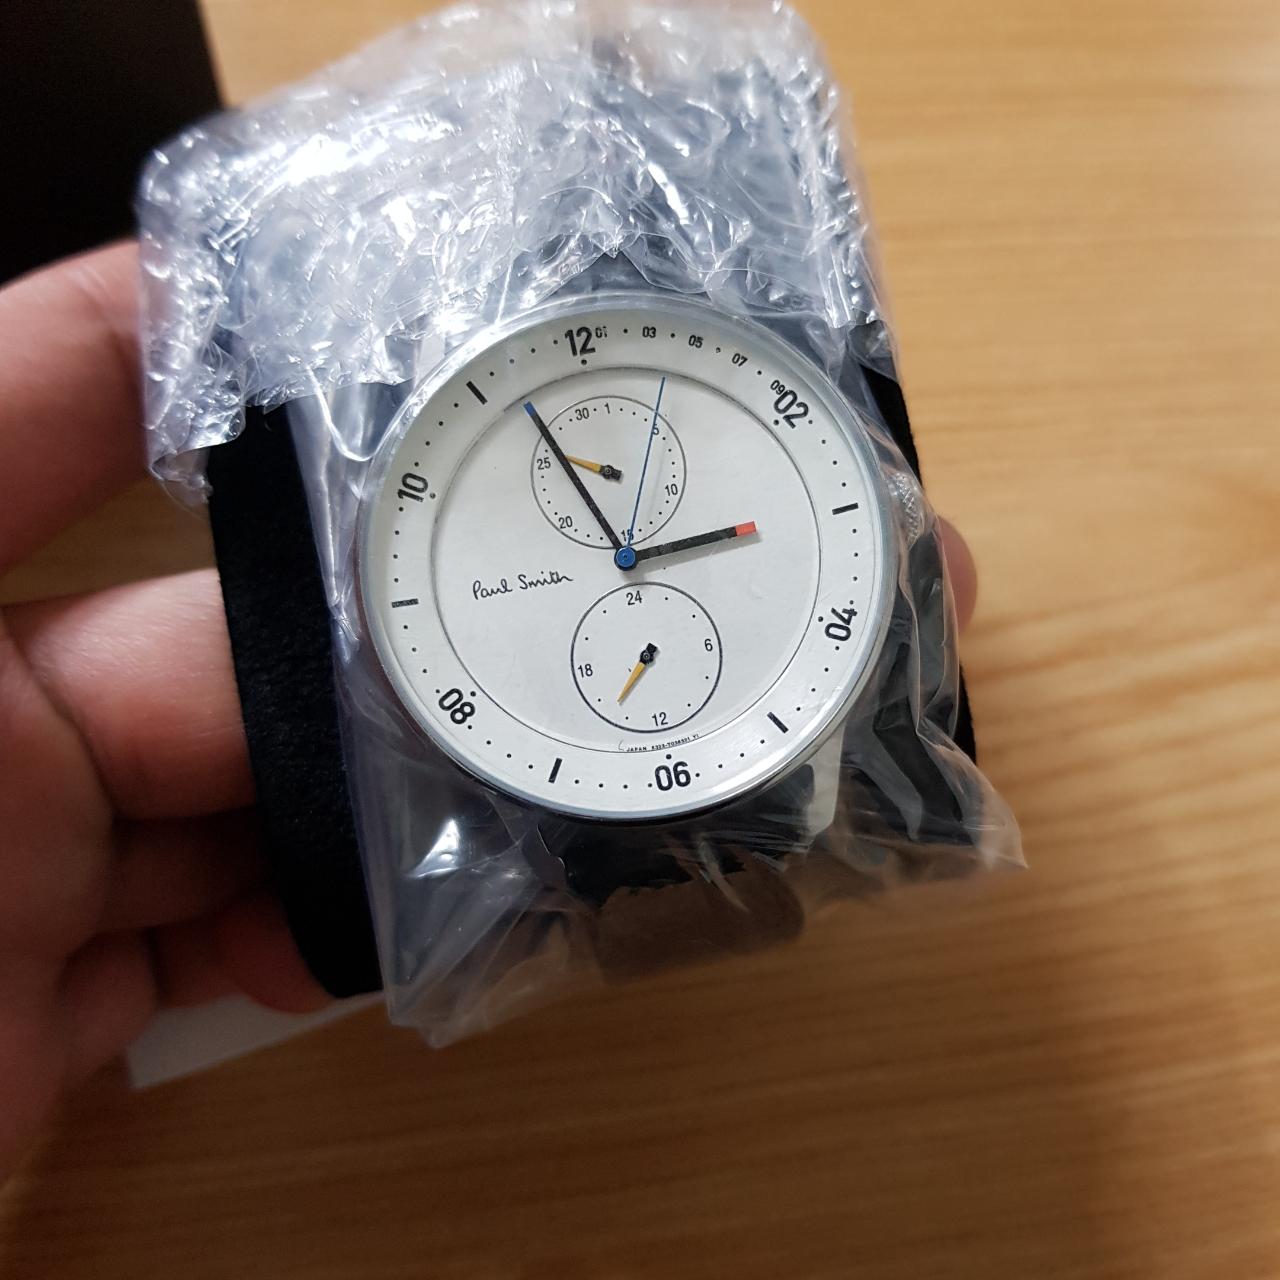 폴스미스 남성용 시계 BH2-014-10 (CHURCH STREET) *윤두준 시계* 미개봉 새제품